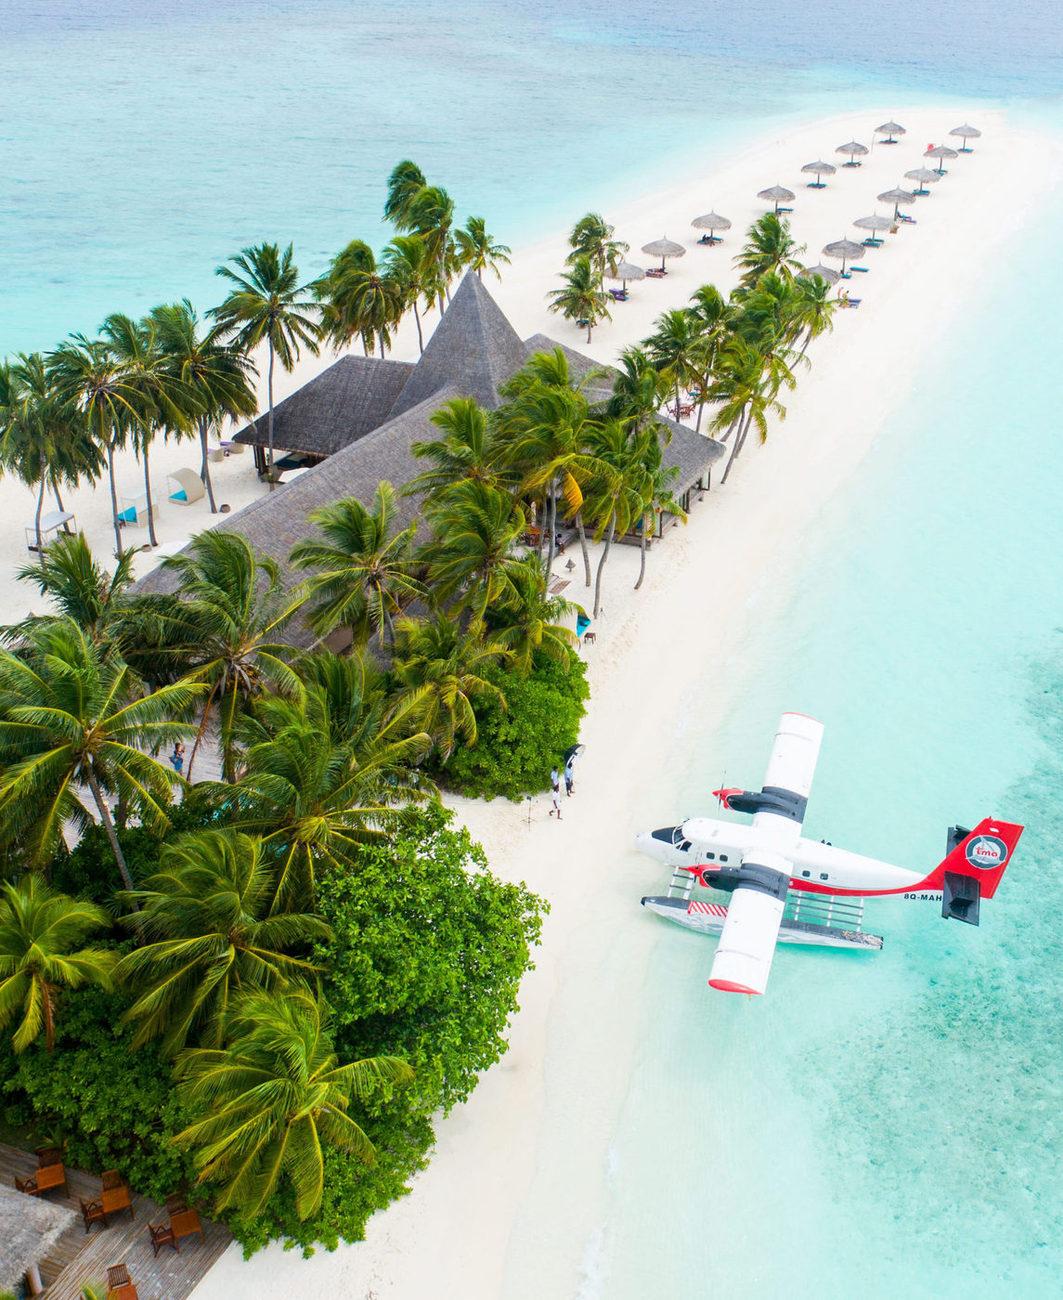 Під час подорожі ви матимете змогу відпочити у окремій залі очікування в аеропорті на Мальдівах